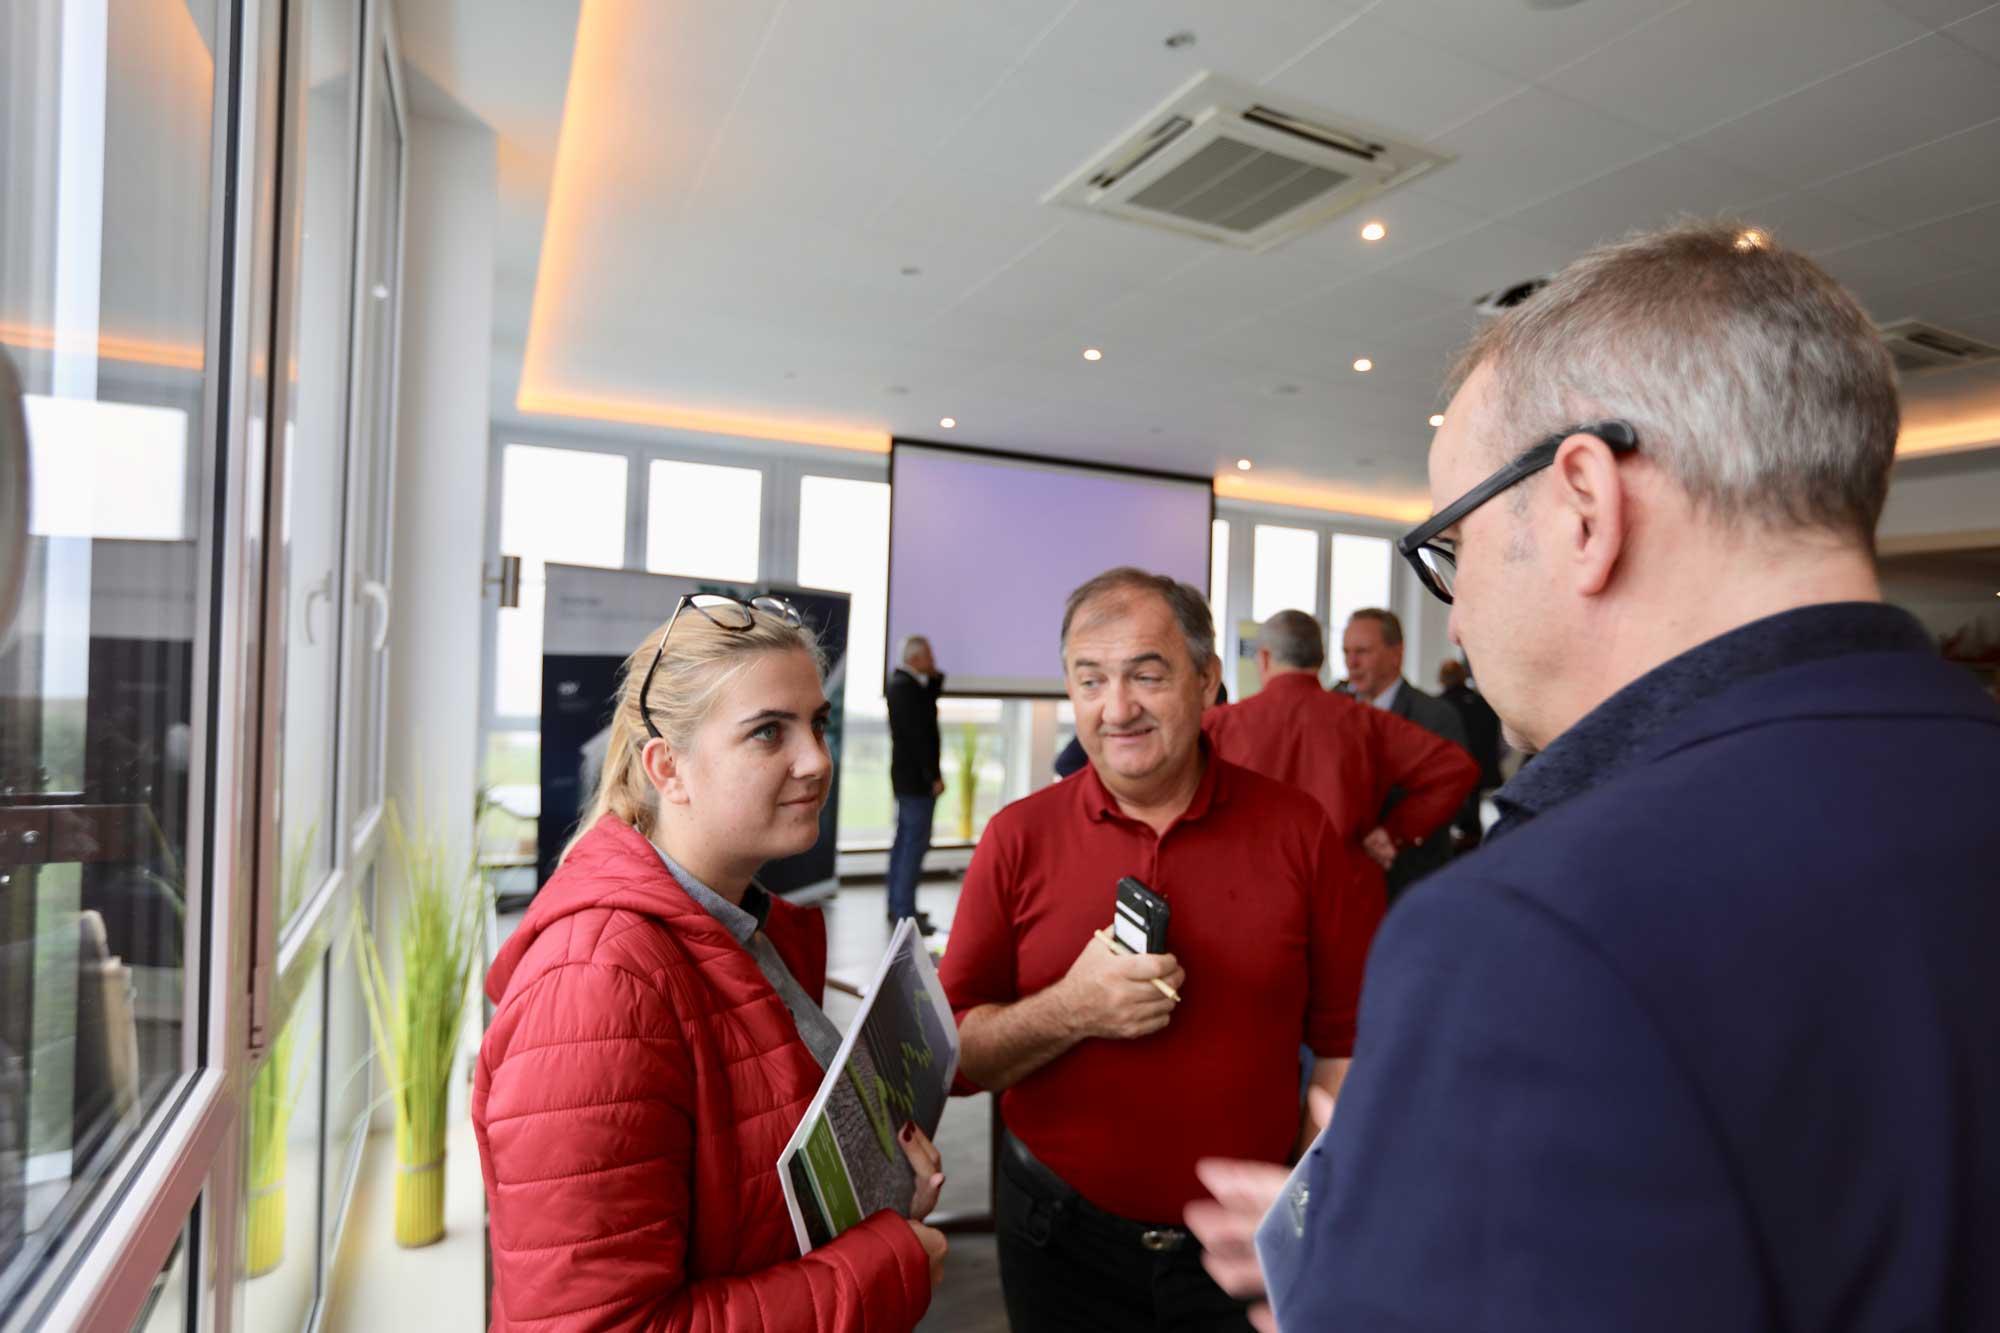 Armin Wolf von Greensign im Gespräch mit Ivan und Katarina Hriba aus Slowenien